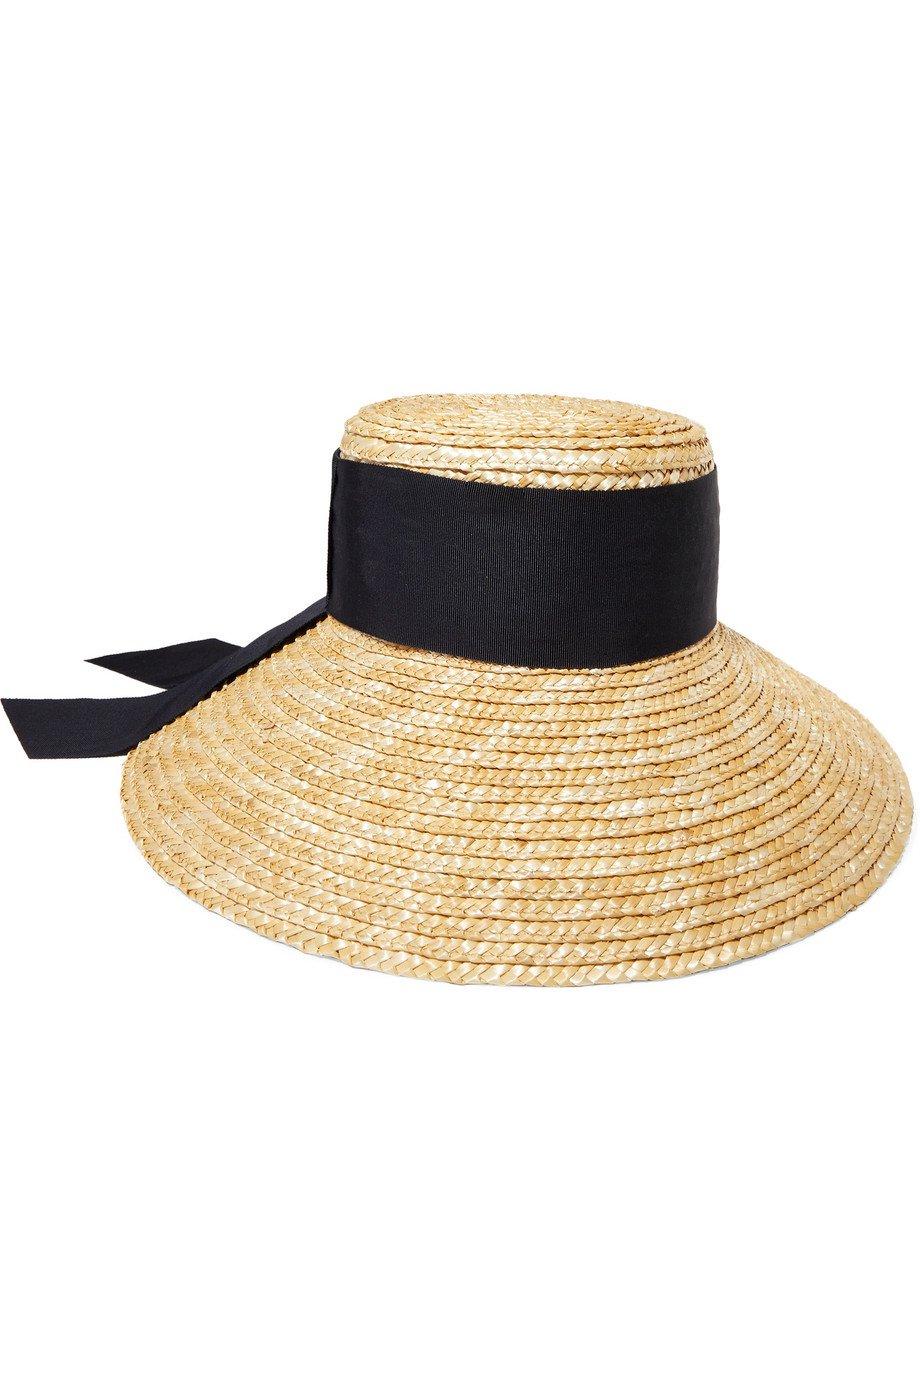 Eugenia Kim | Annabelle grosgrain-trimmed straw hat | NET-A-PORTER.COM